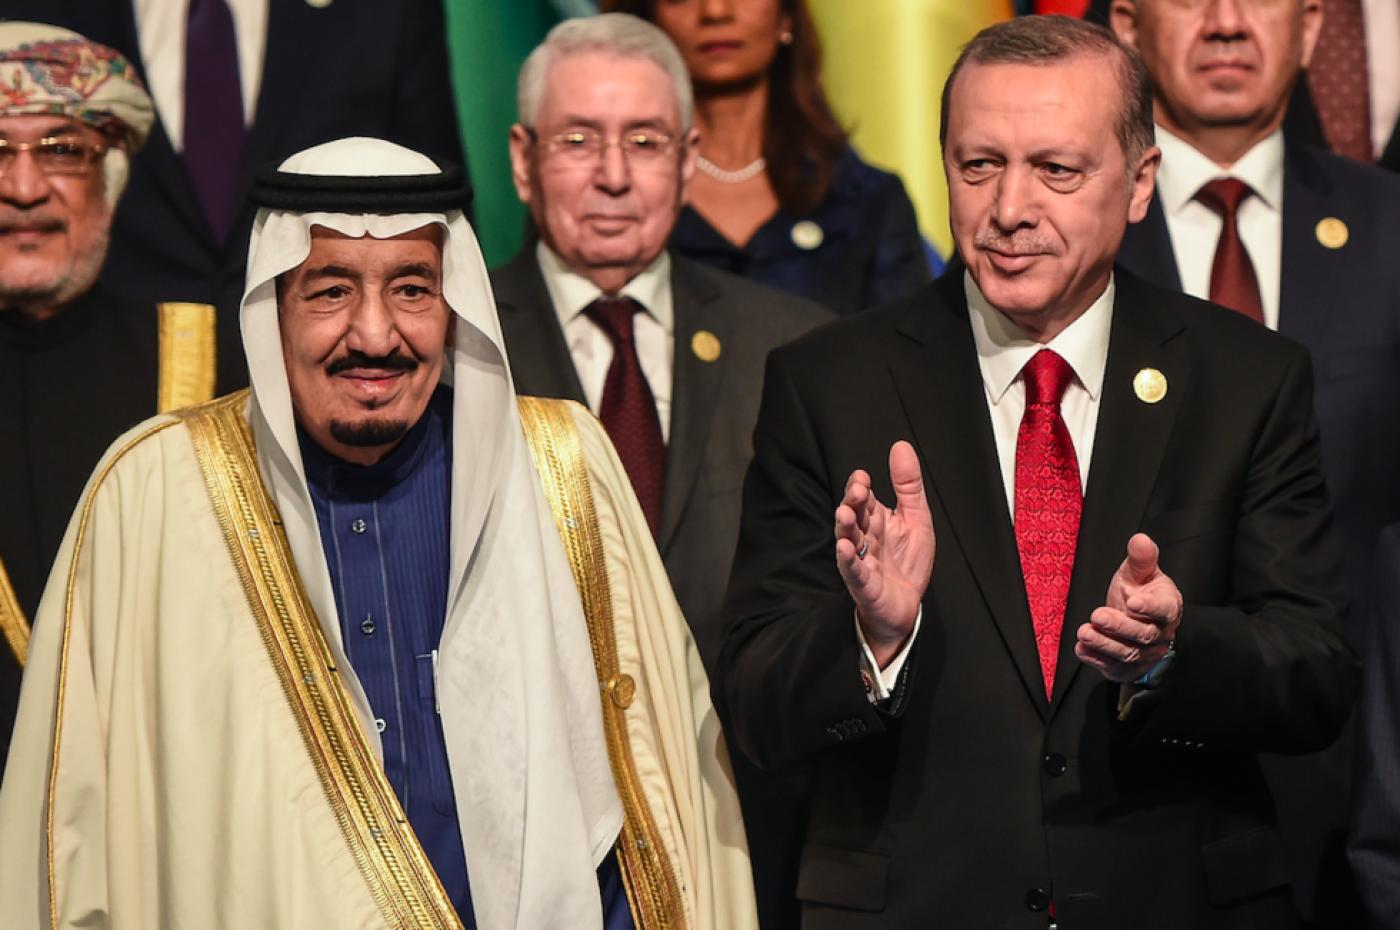 صورة بعد المصالحة.. بوادر تحالف تركي- خليجي كبير